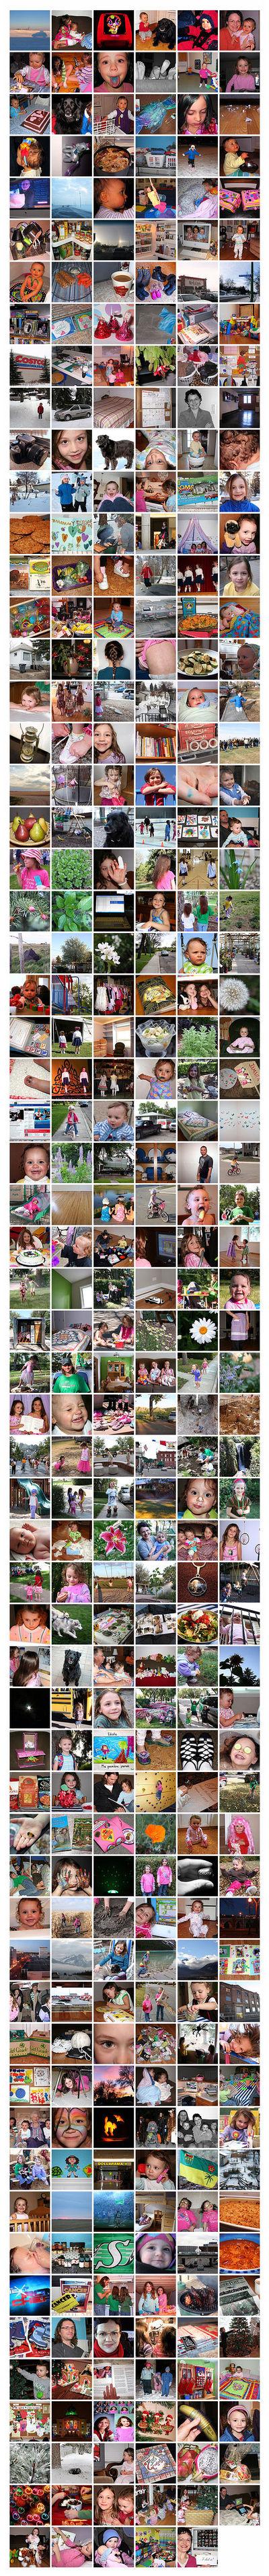 365-photos-2007-web